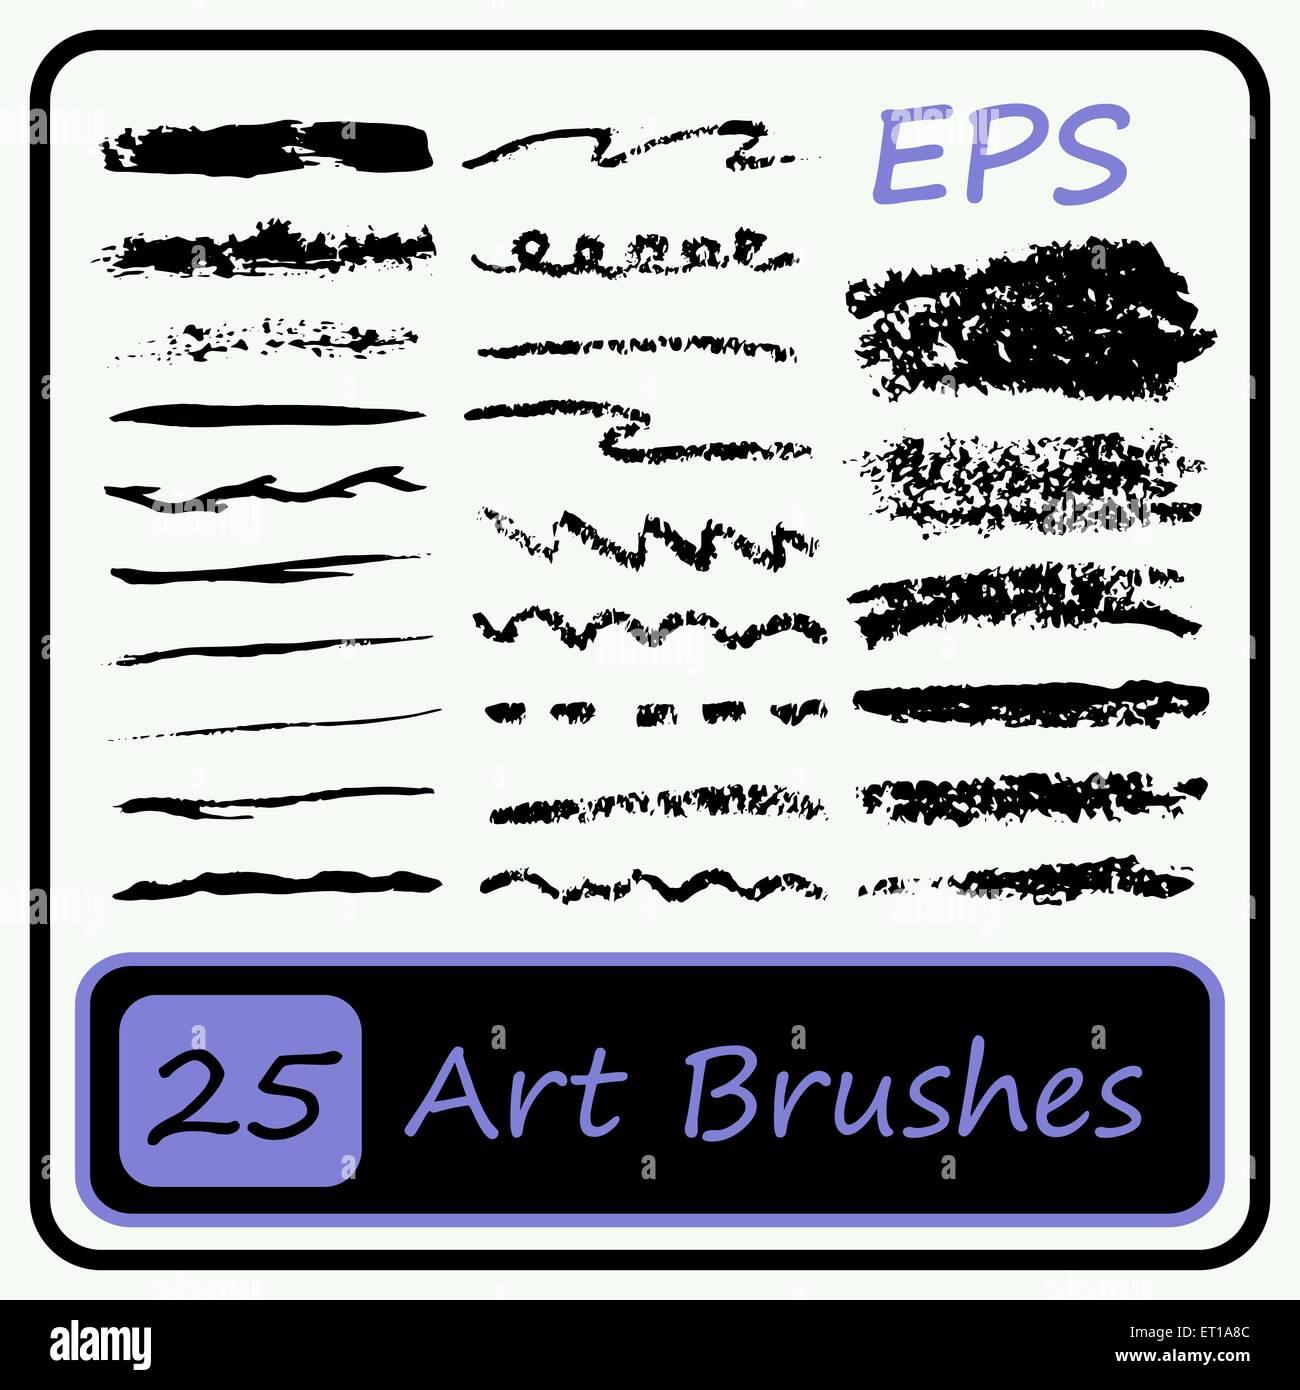 Art Brushes set - Black color - Vector Illustration - Stock Image